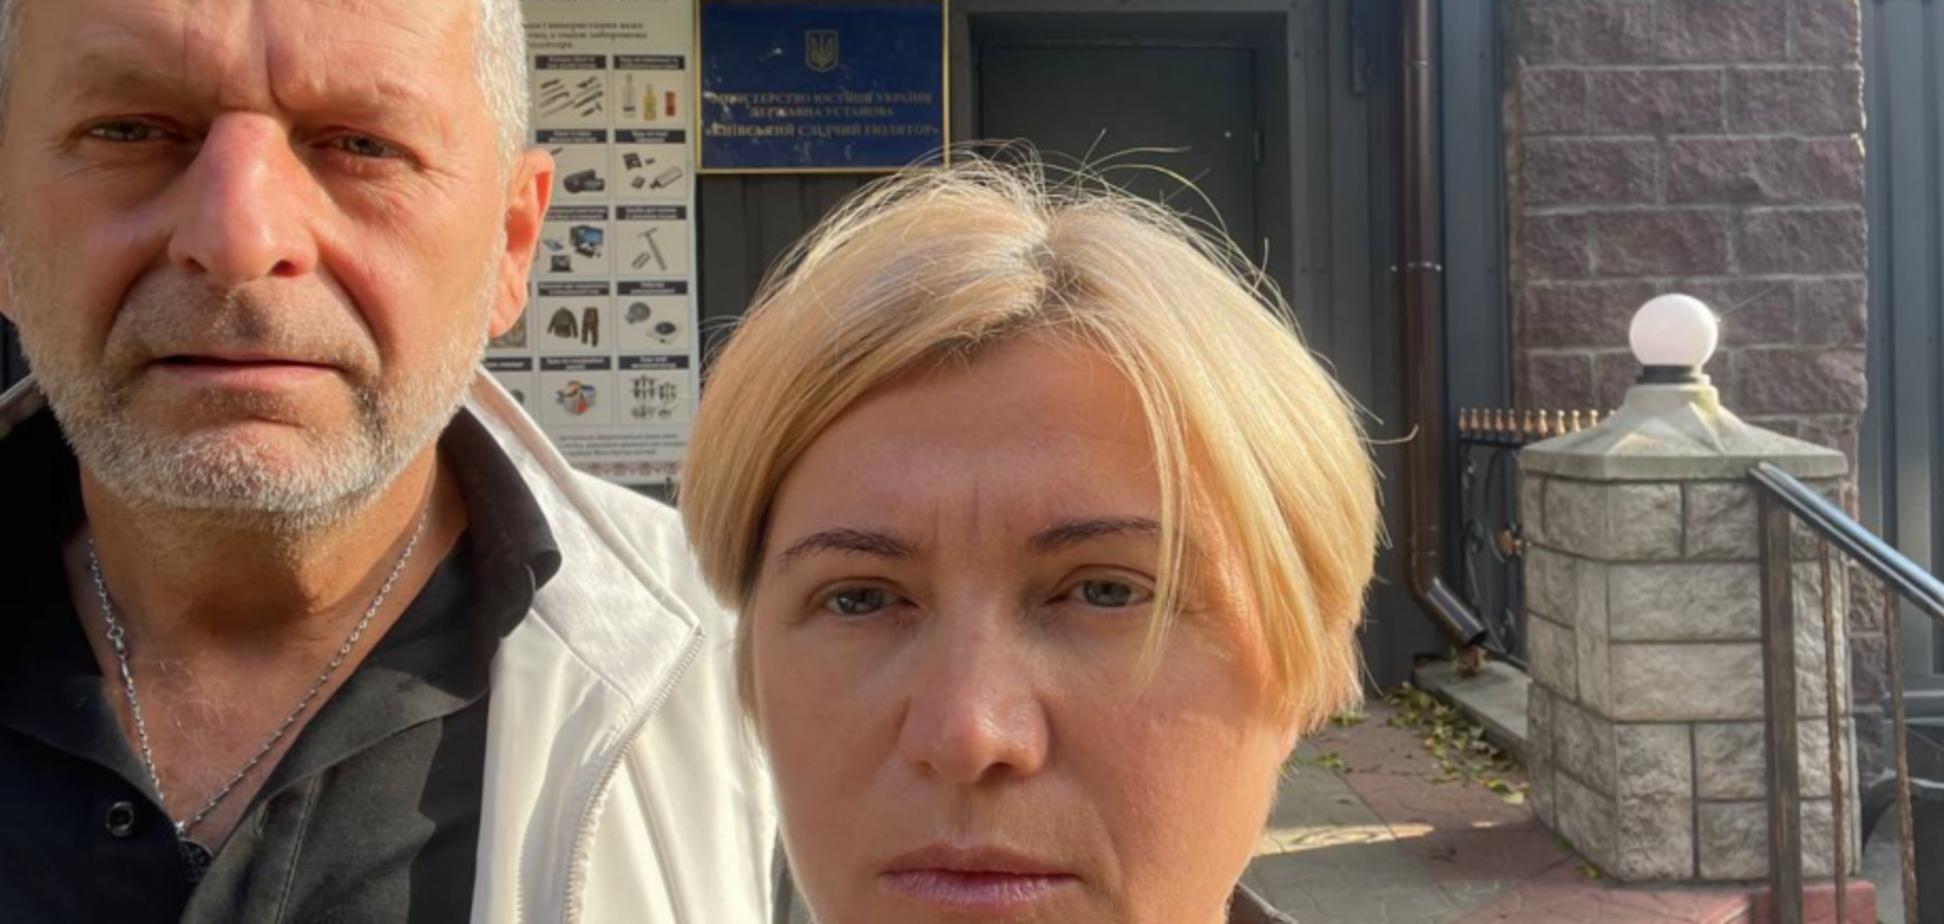 Нардепы от 'ЕС' посетили генерала Павловского в СИЗО. Фото